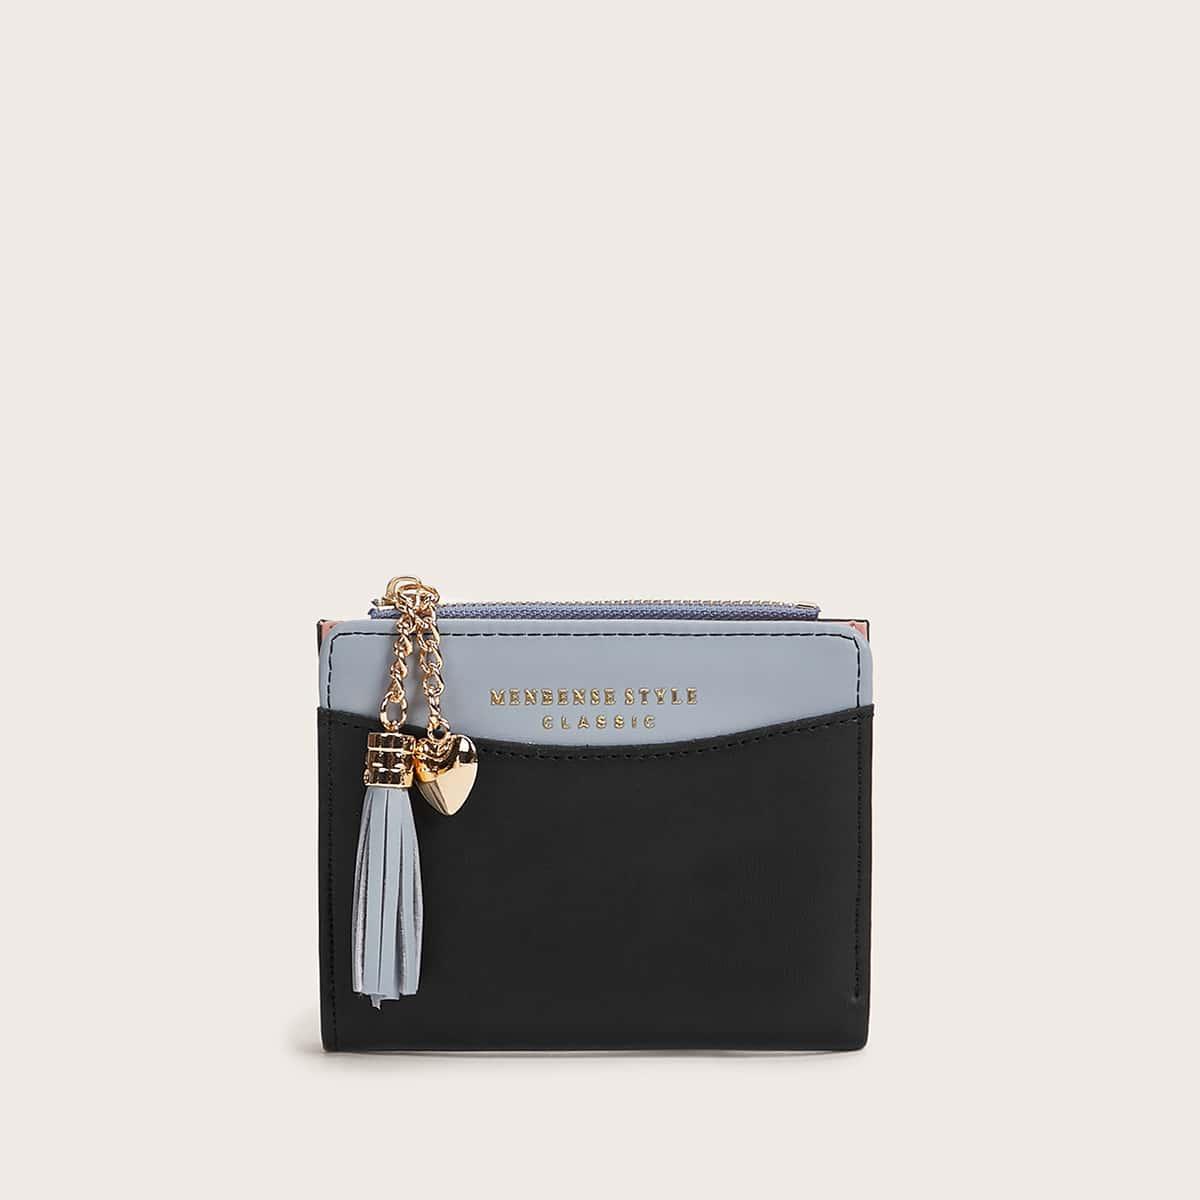 Zweifarbige Brieftasche mit Stern & Quasten Anhänger